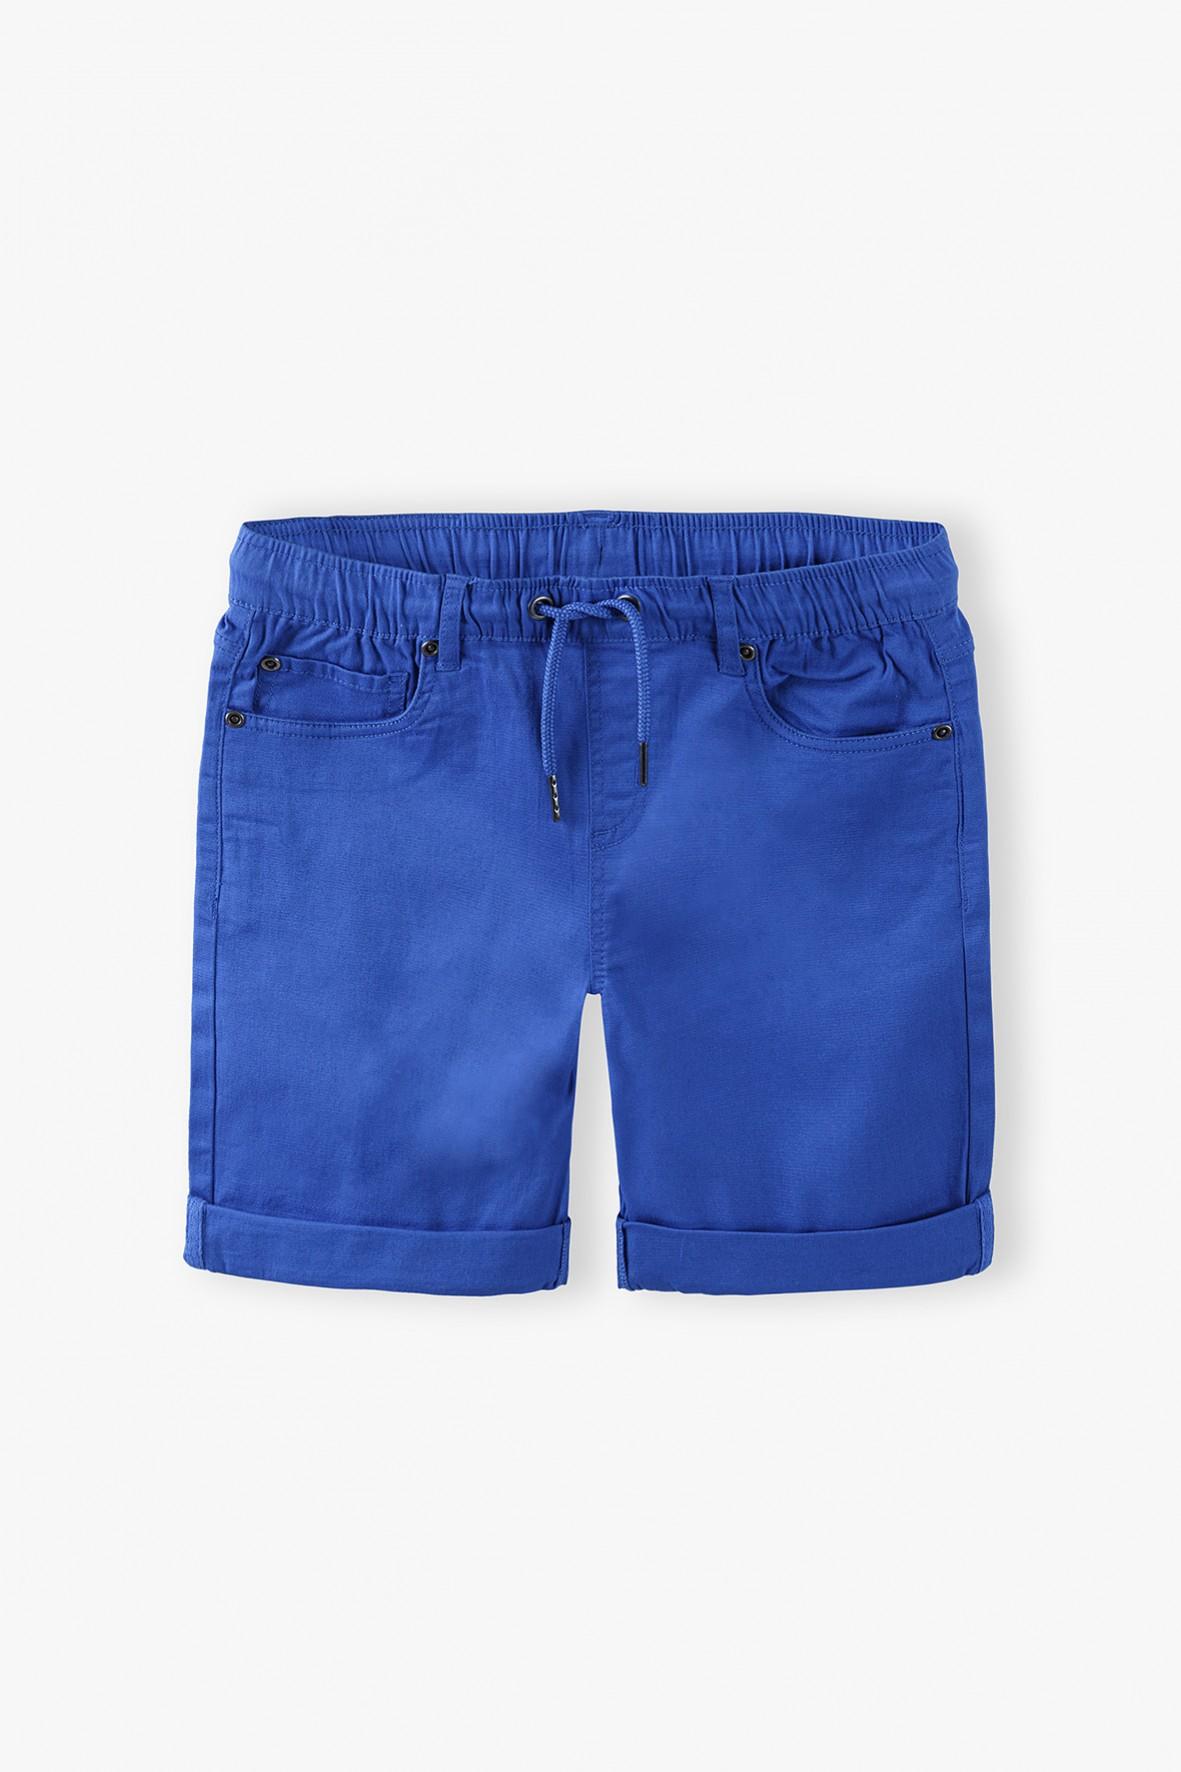 Szorty dla chłopca niebieskie z kieszeniami